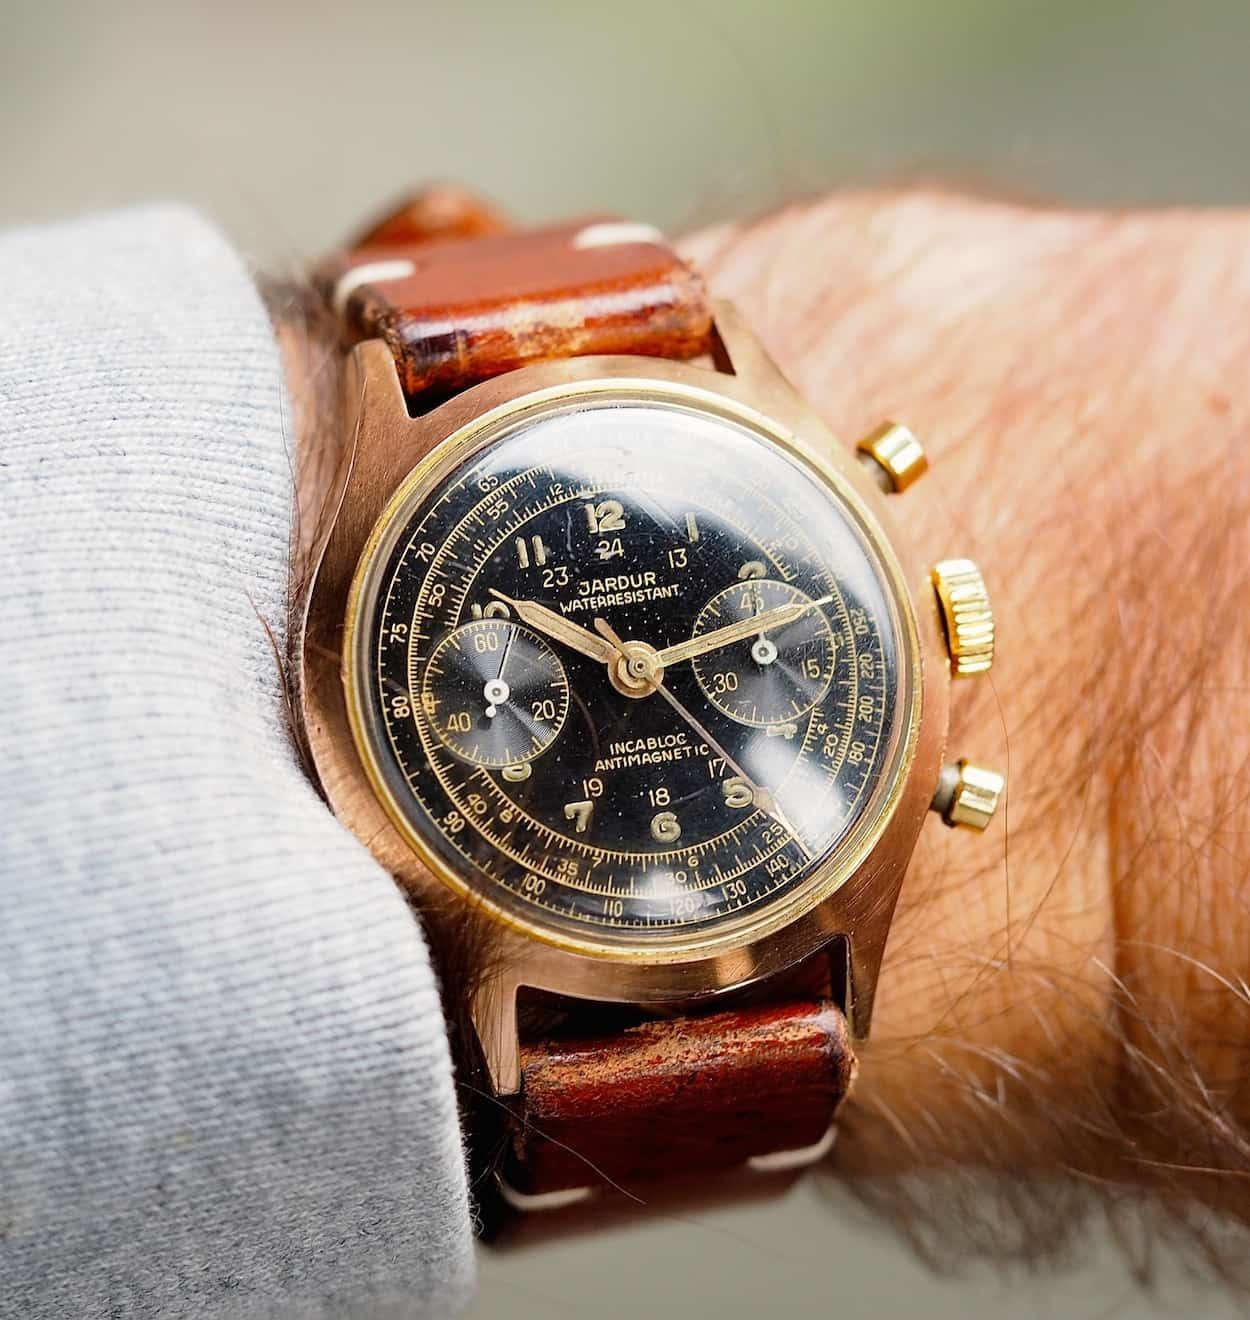 The Jardur 850 looks wonderful on the wrist